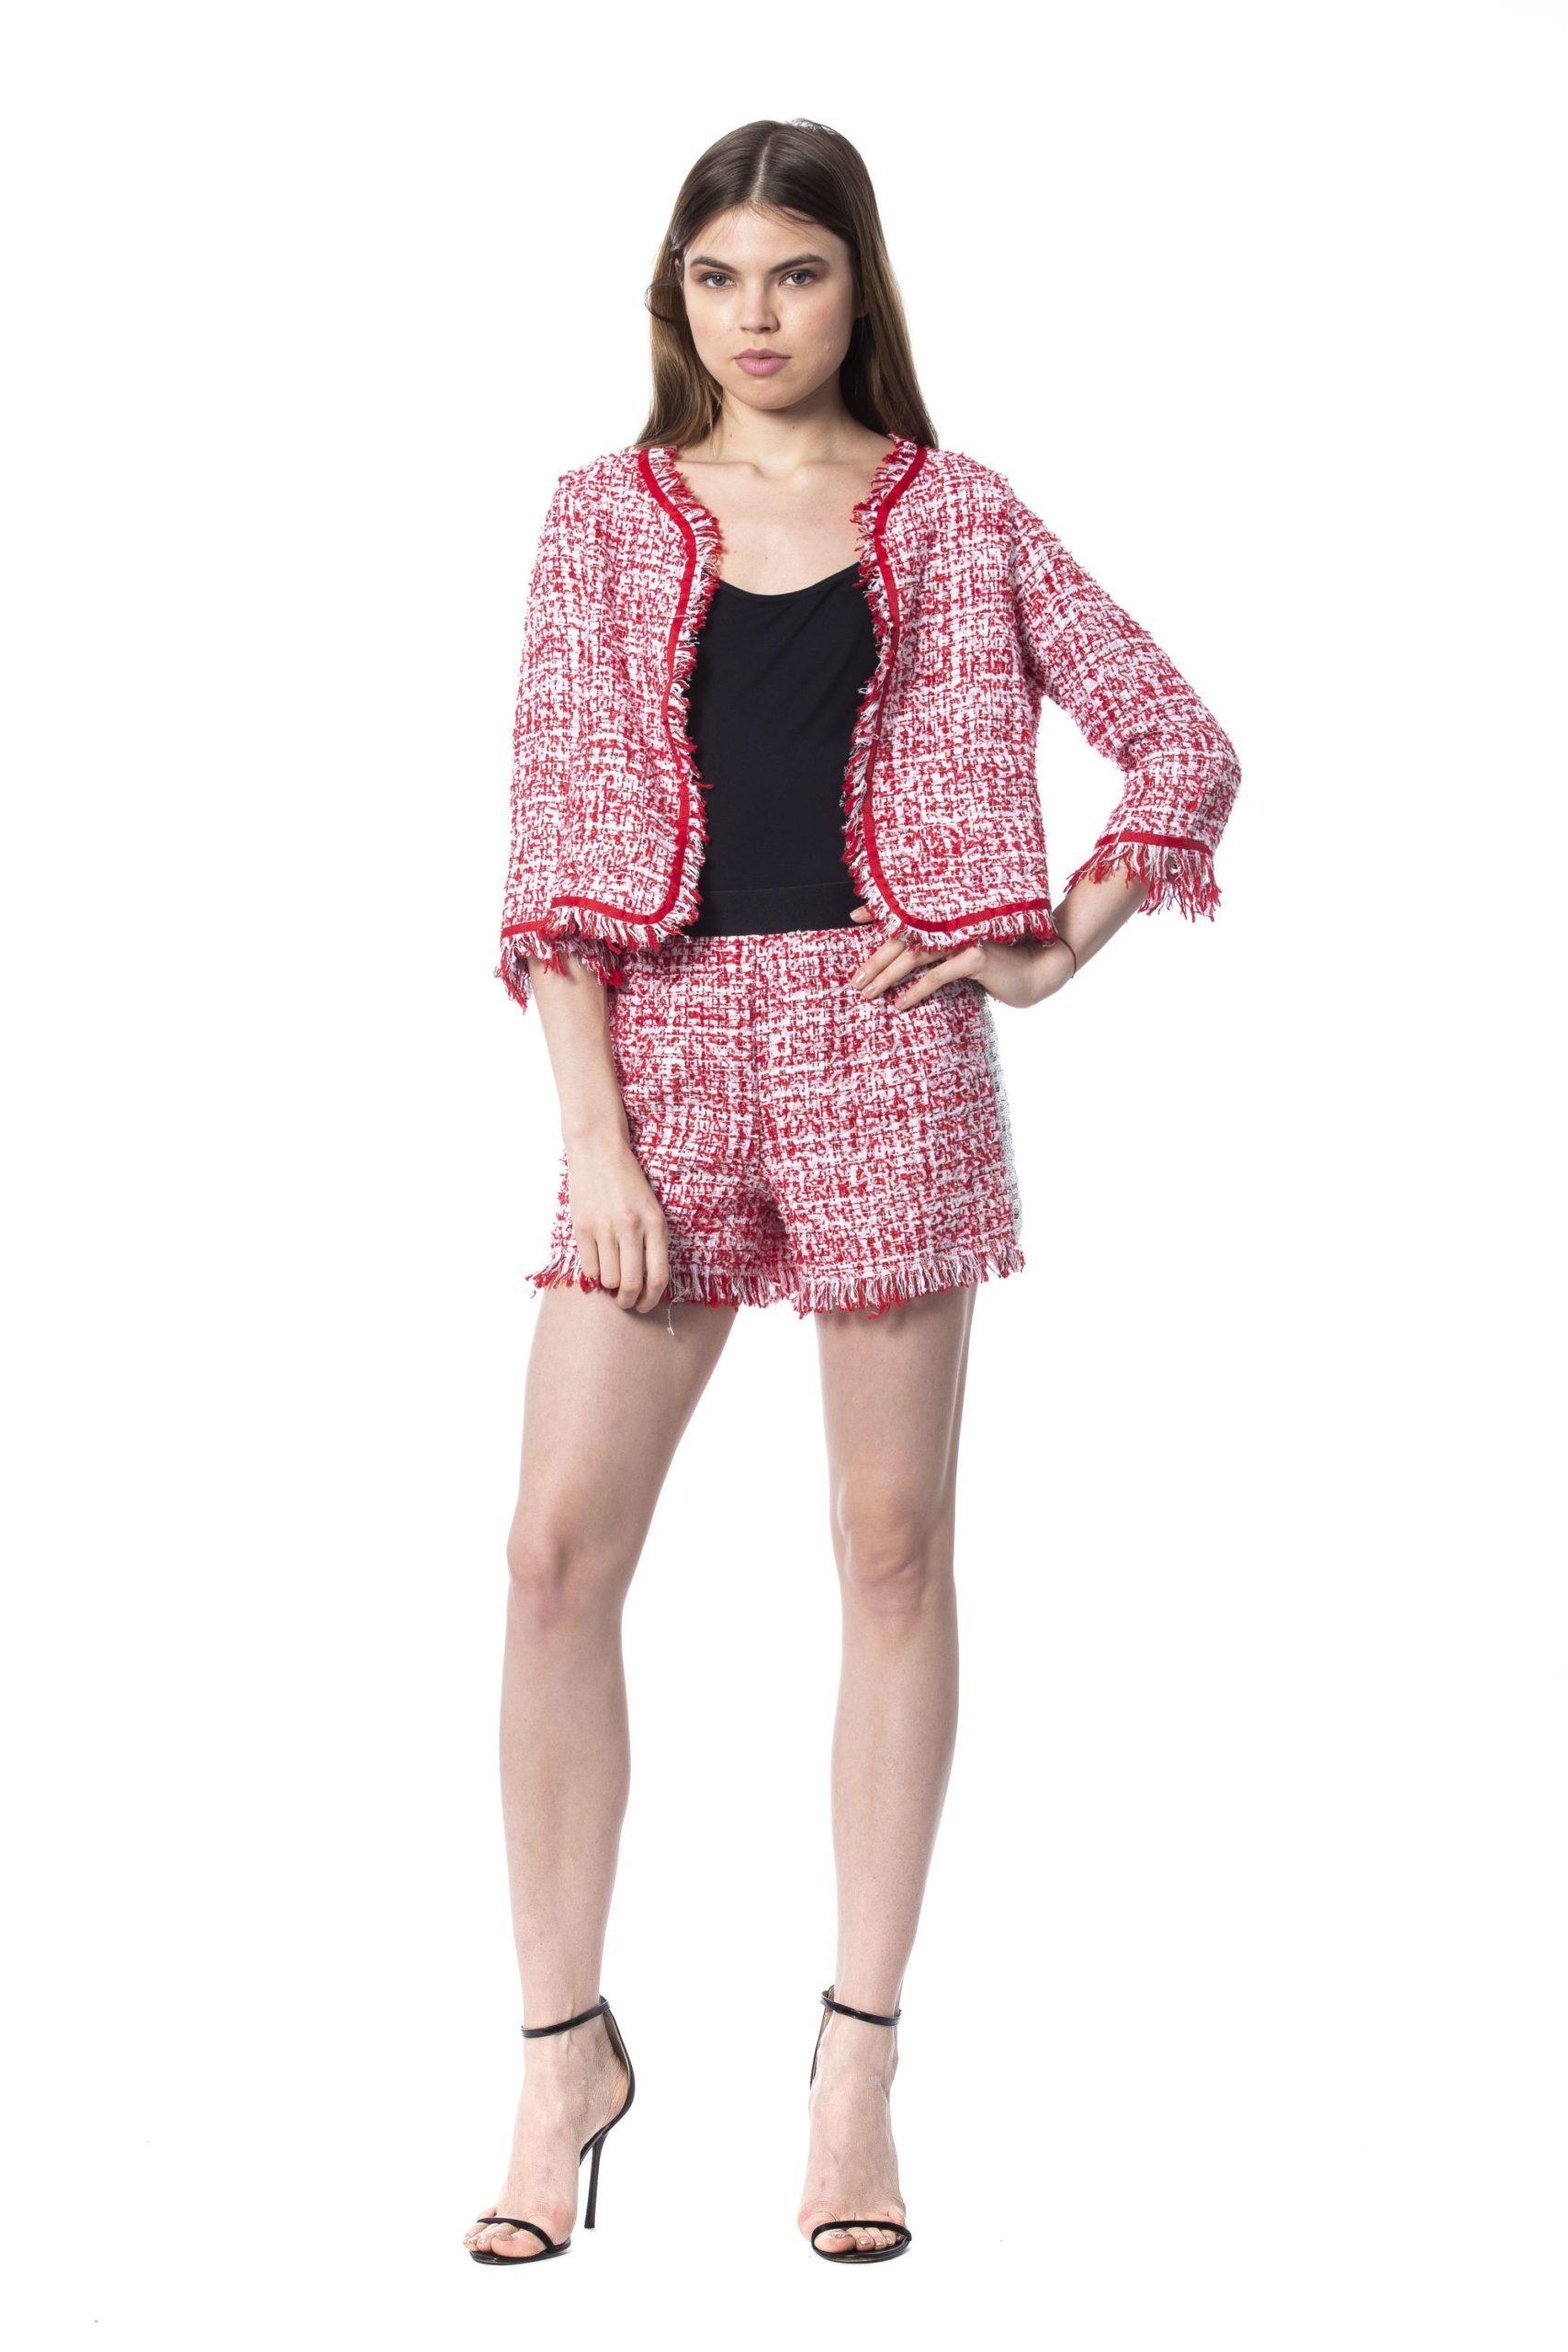 Silvian Heach Women's Fantasyunique Jacket Multicolor SI1263955 - XXS